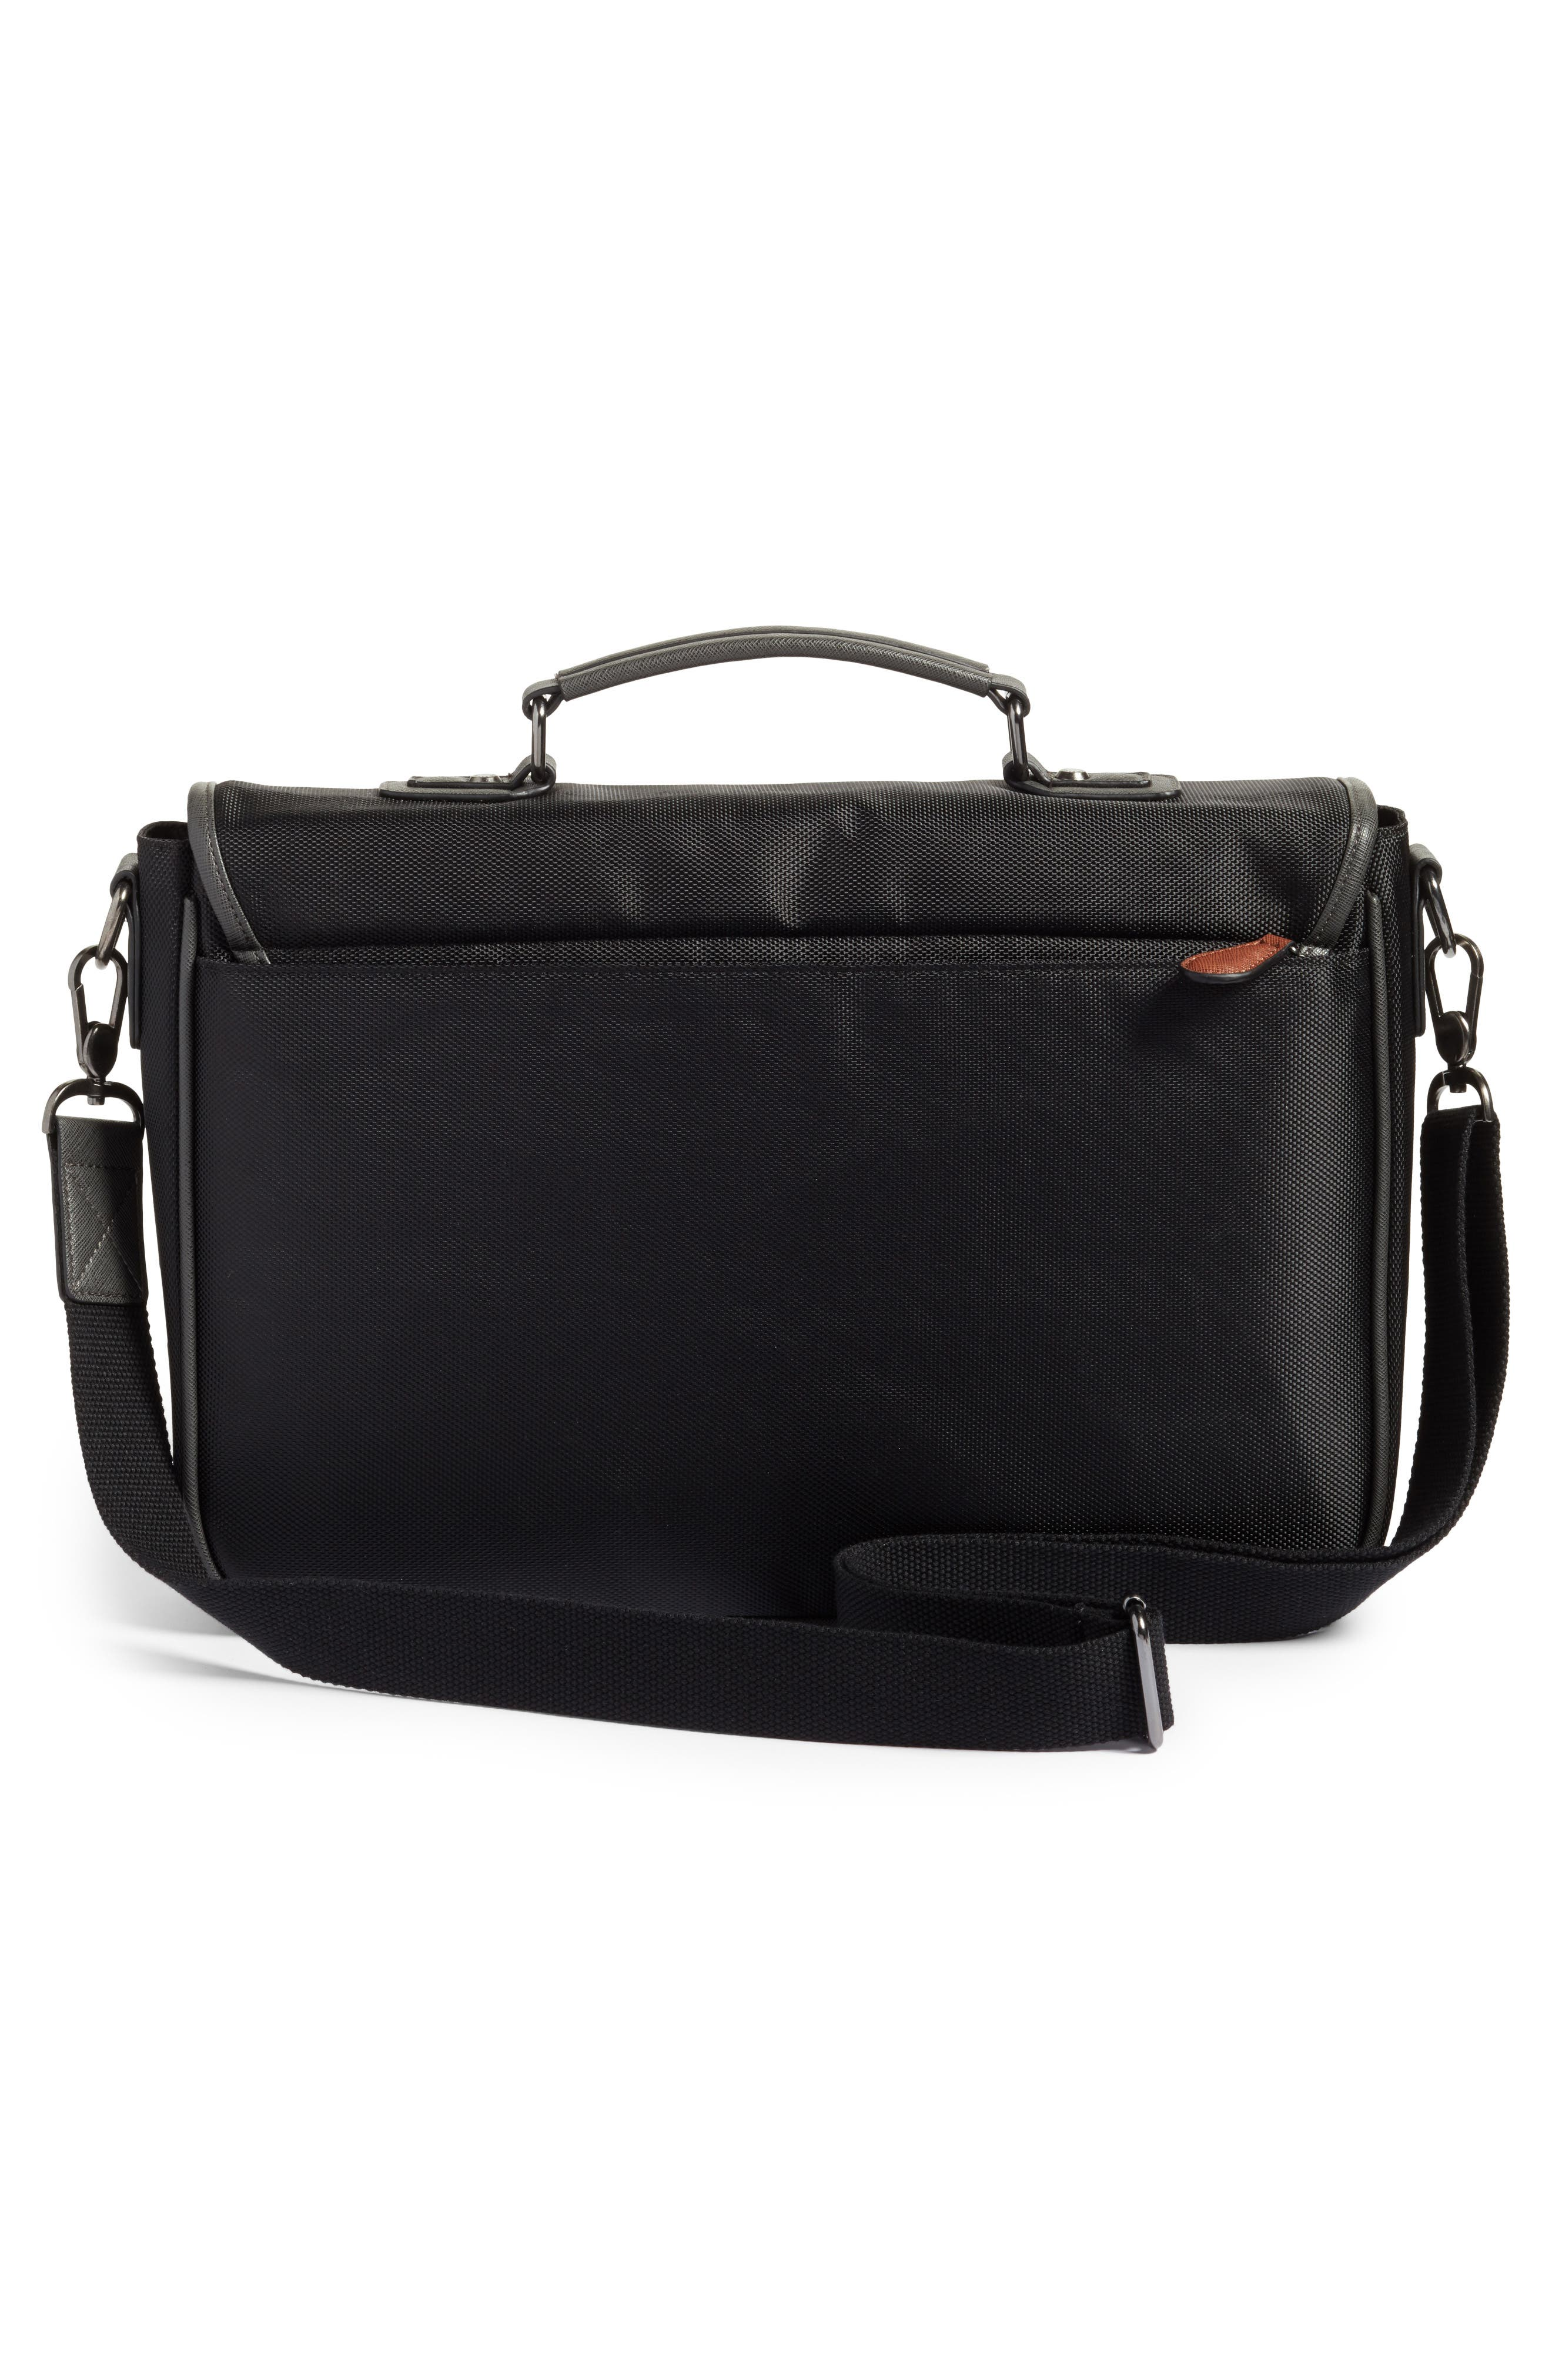 Cattar Messenger Bag,                             Alternate thumbnail 3, color,                             Black